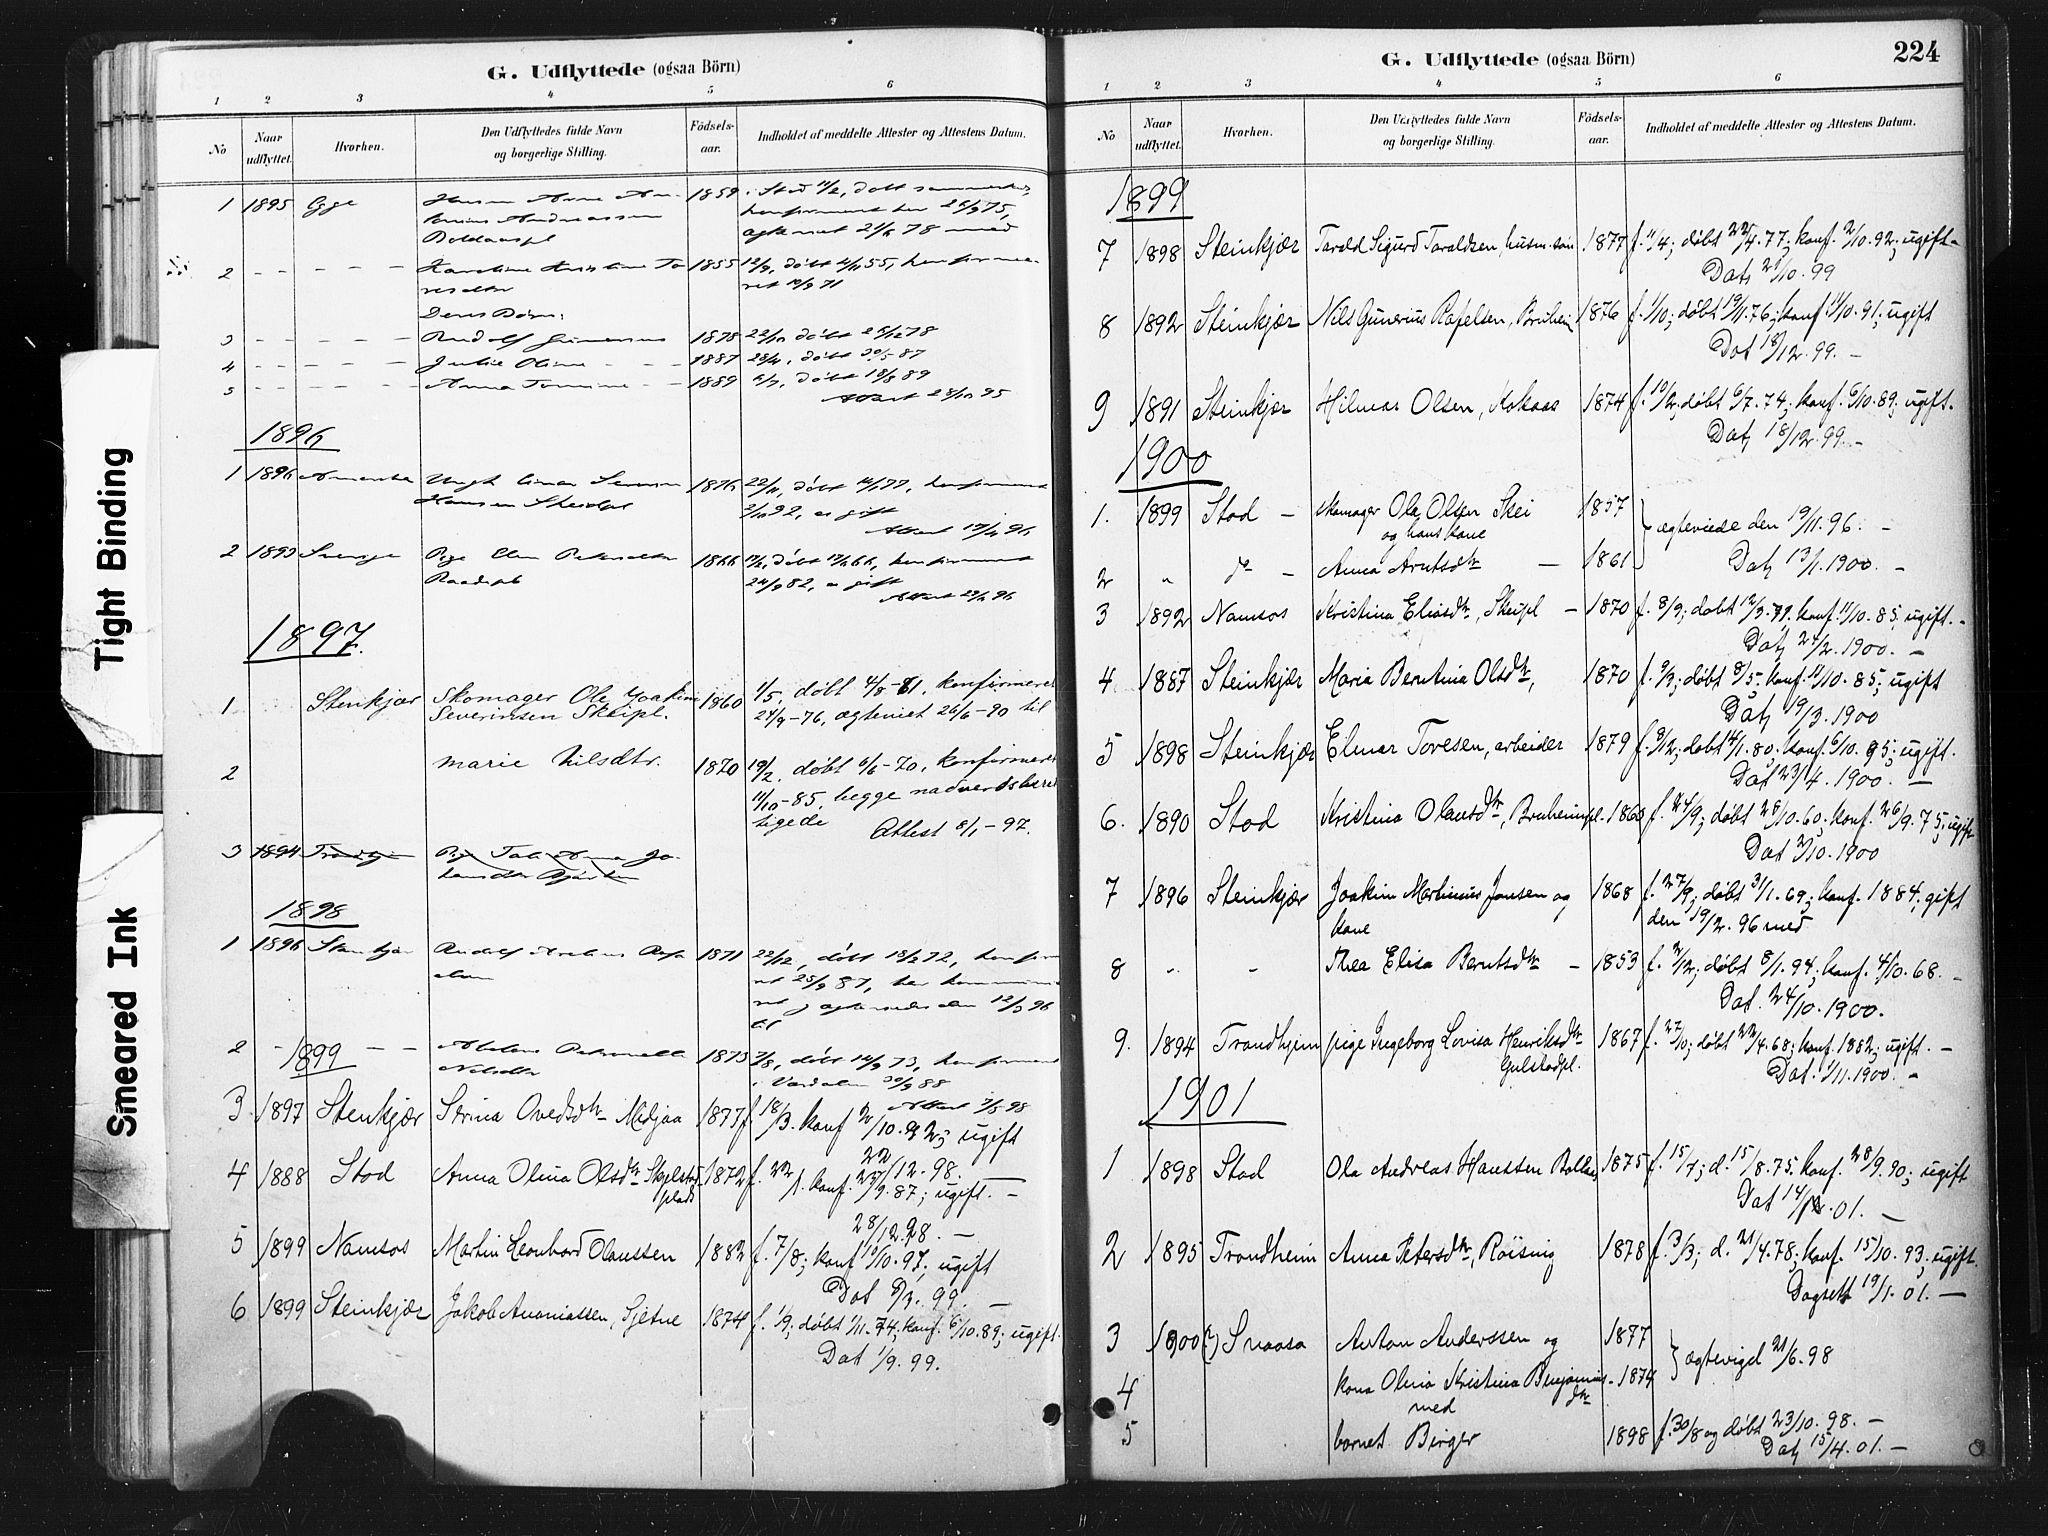 SAT, Ministerialprotokoller, klokkerbøker og fødselsregistre - Nord-Trøndelag, 736/L0361: Ministerialbok nr. 736A01, 1884-1906, s. 224